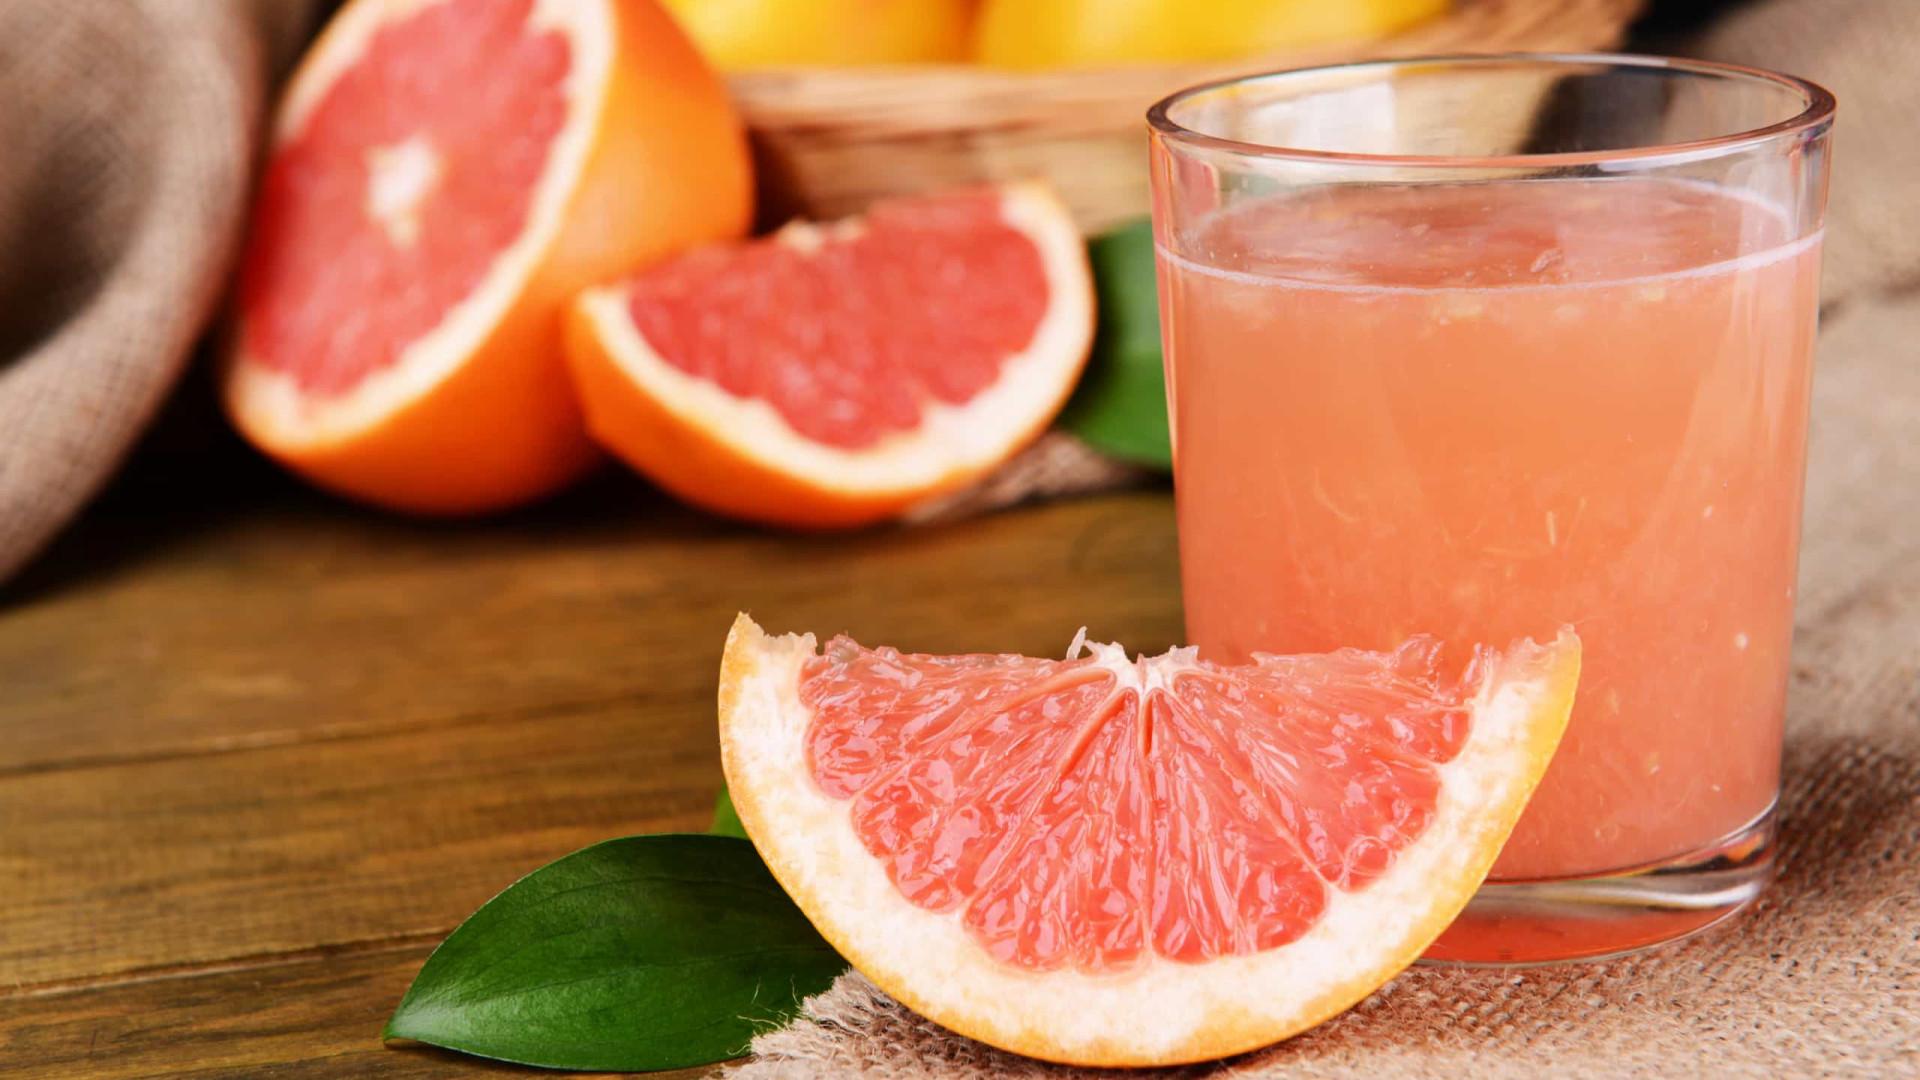 Olá, corpo de verão! O suco de toranja e limão que 'destrói' a celulite